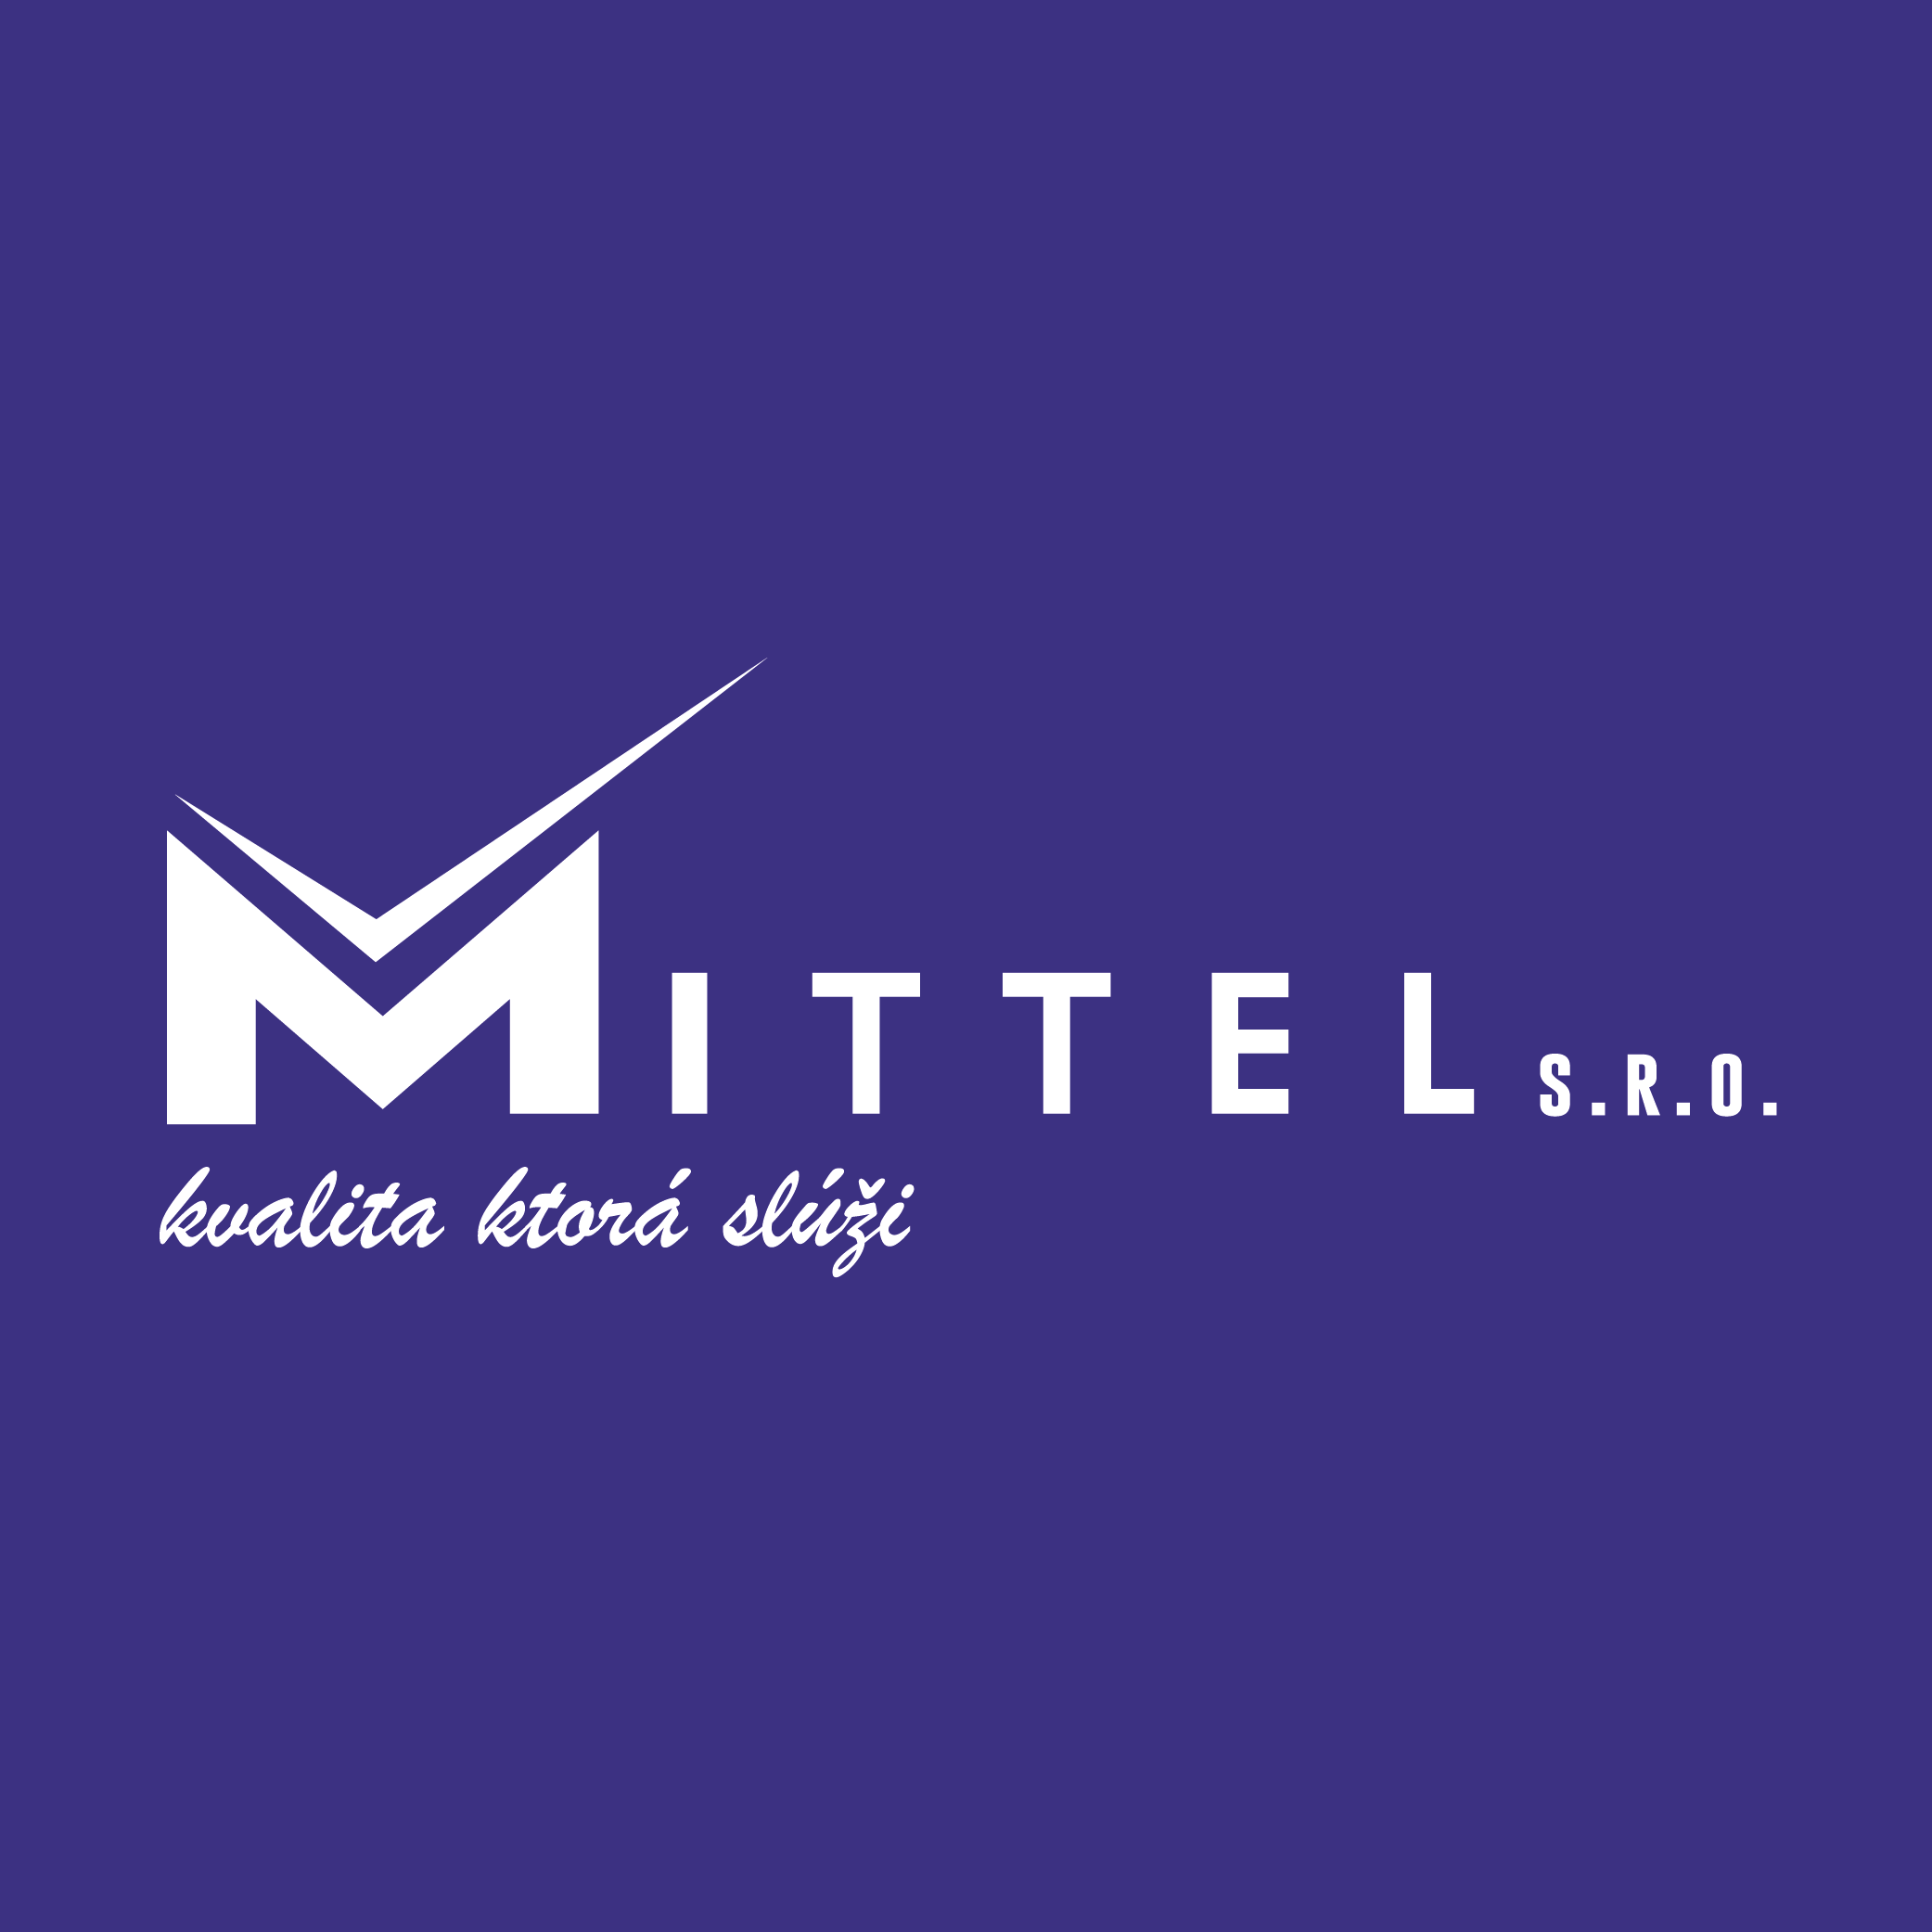 MITTEL, s.r.o.